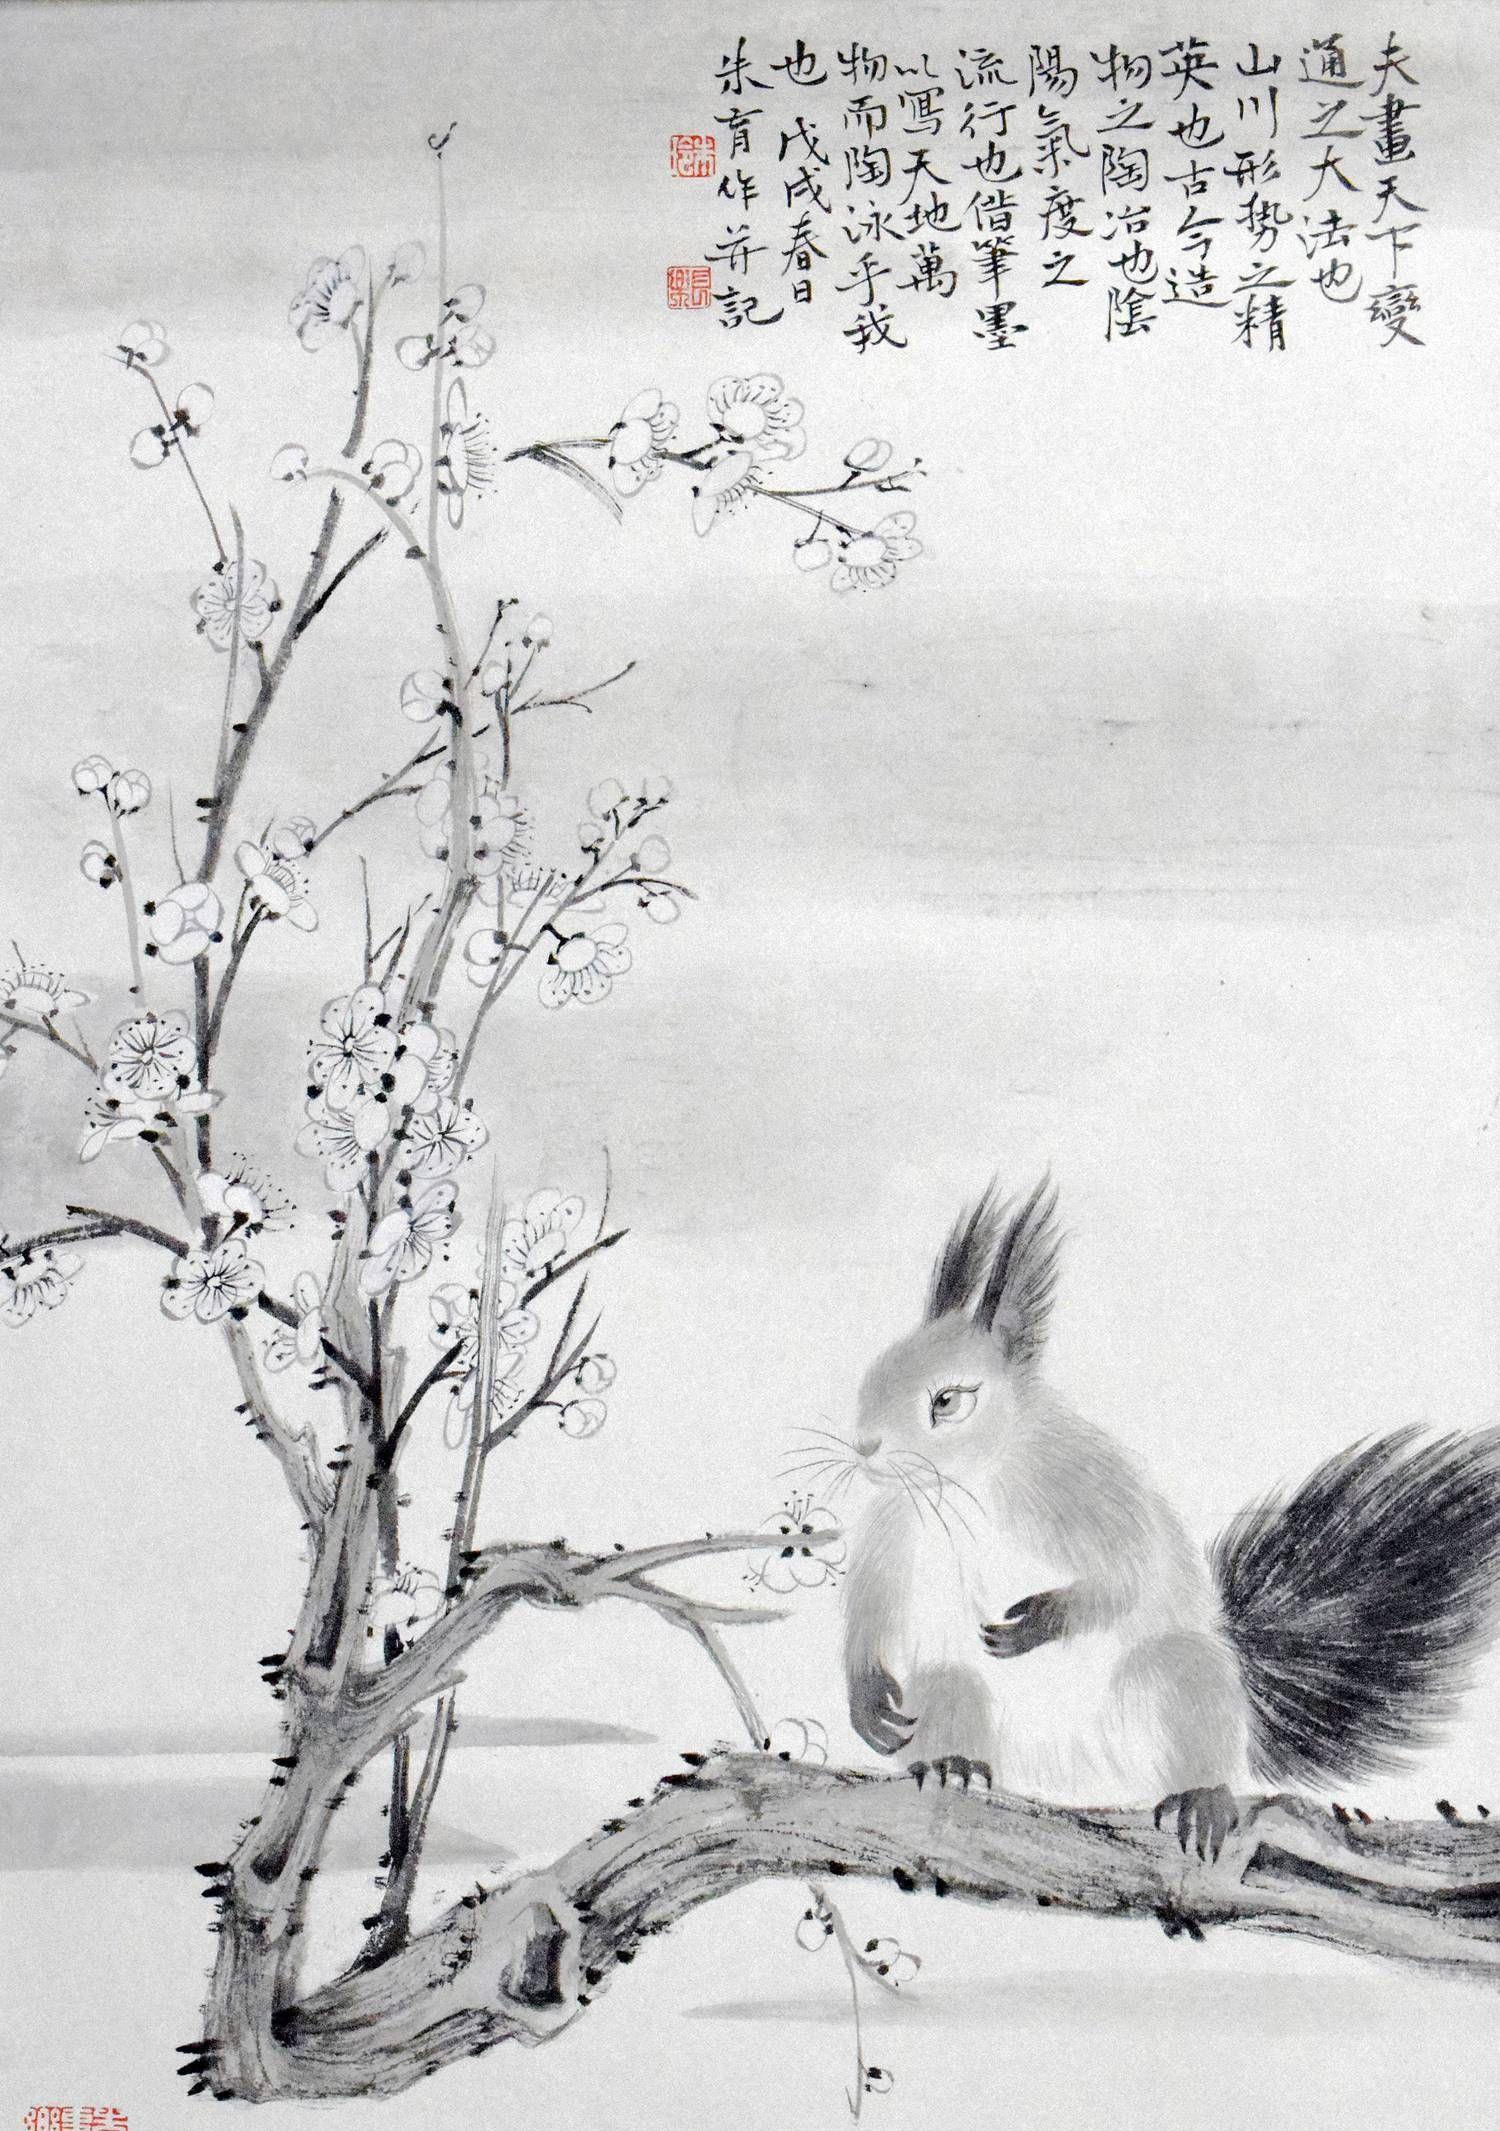 中央美术学院中国画学院毕业研究生朱育的松鼠系列绘画作品